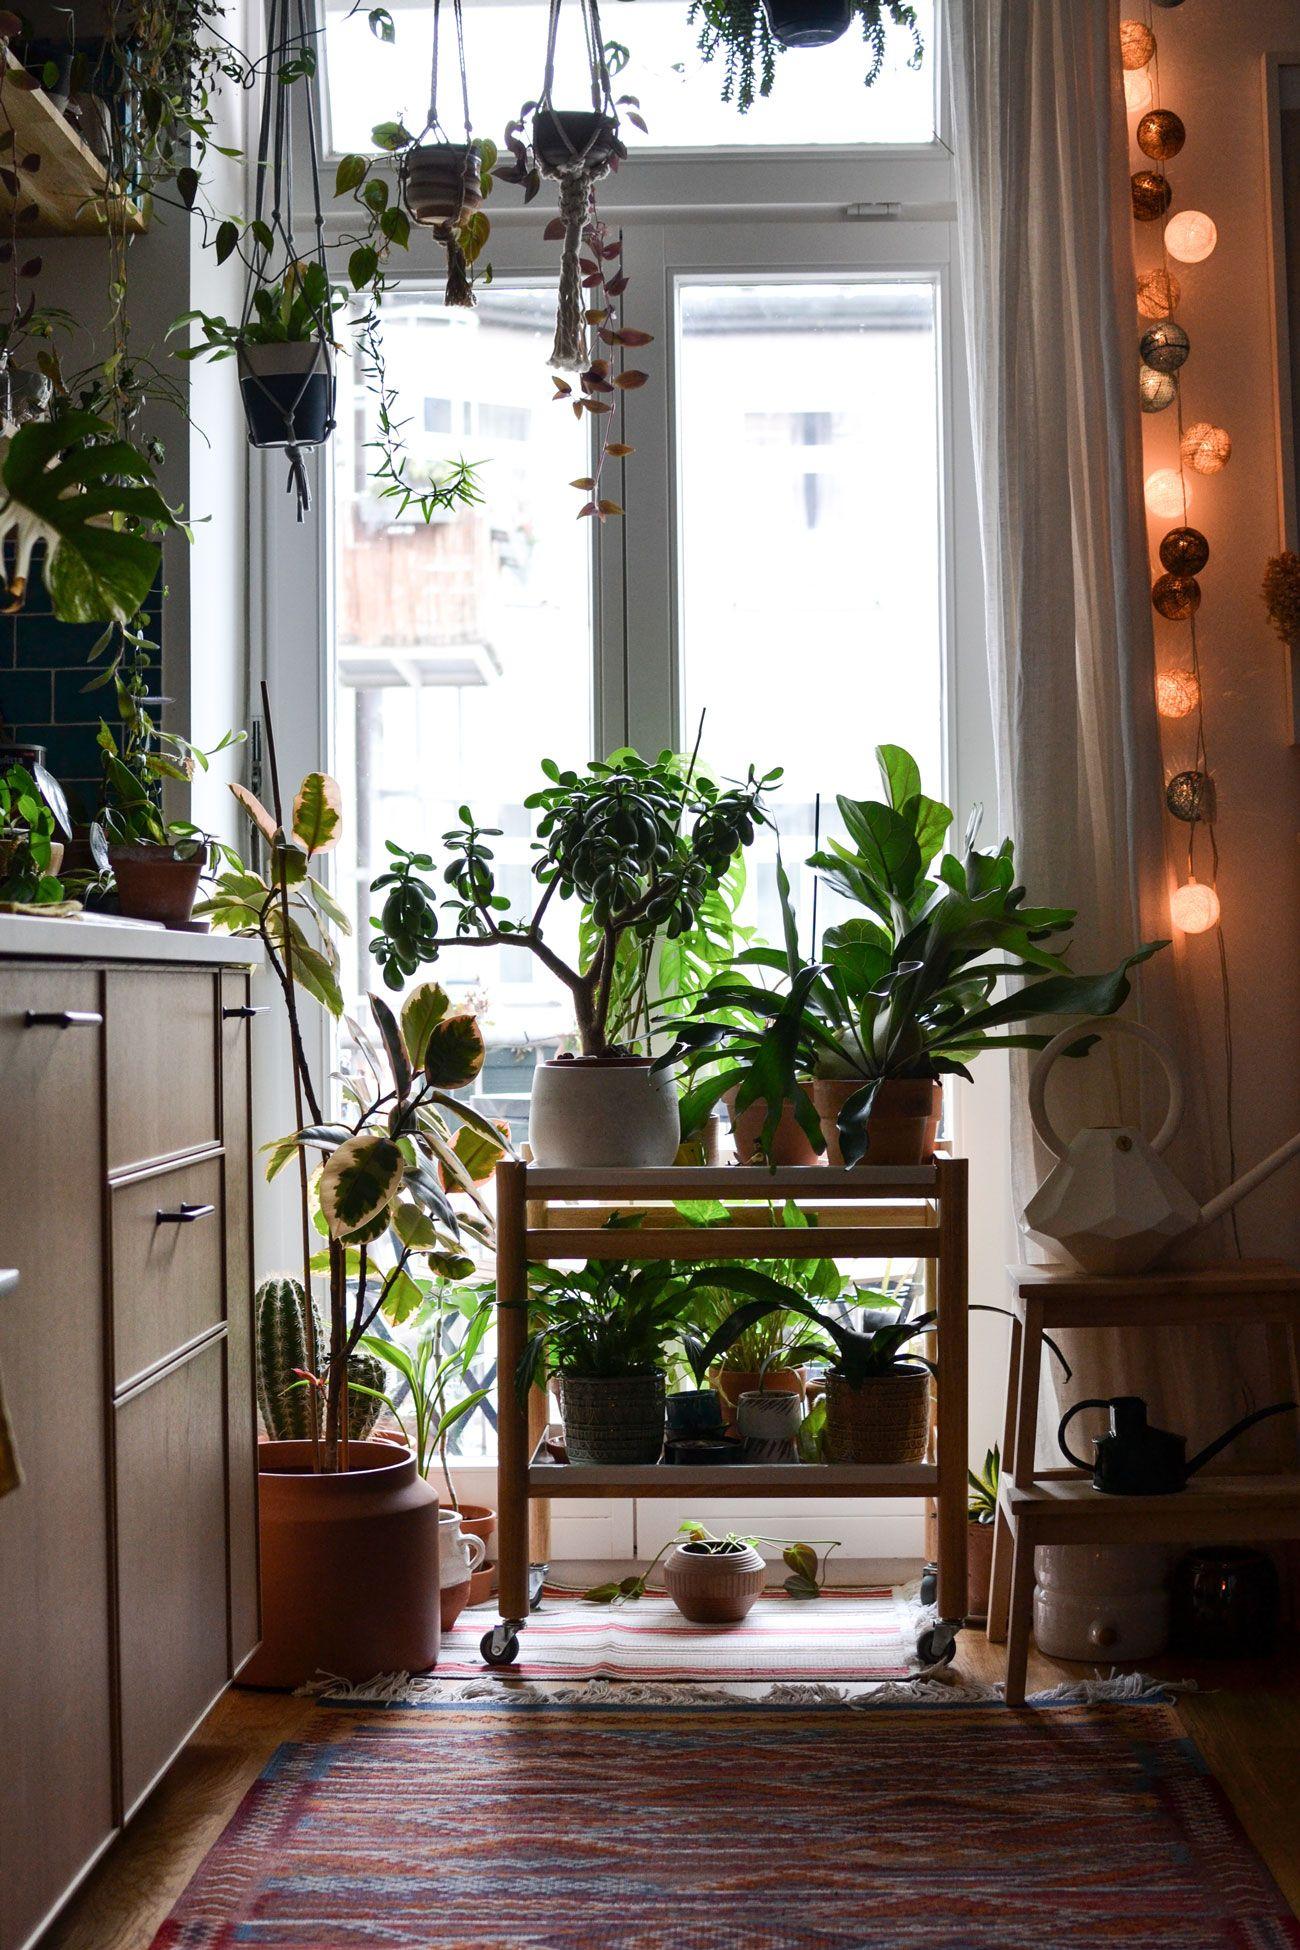 Arredare con le piante fa bene lo spiega il libro Plant